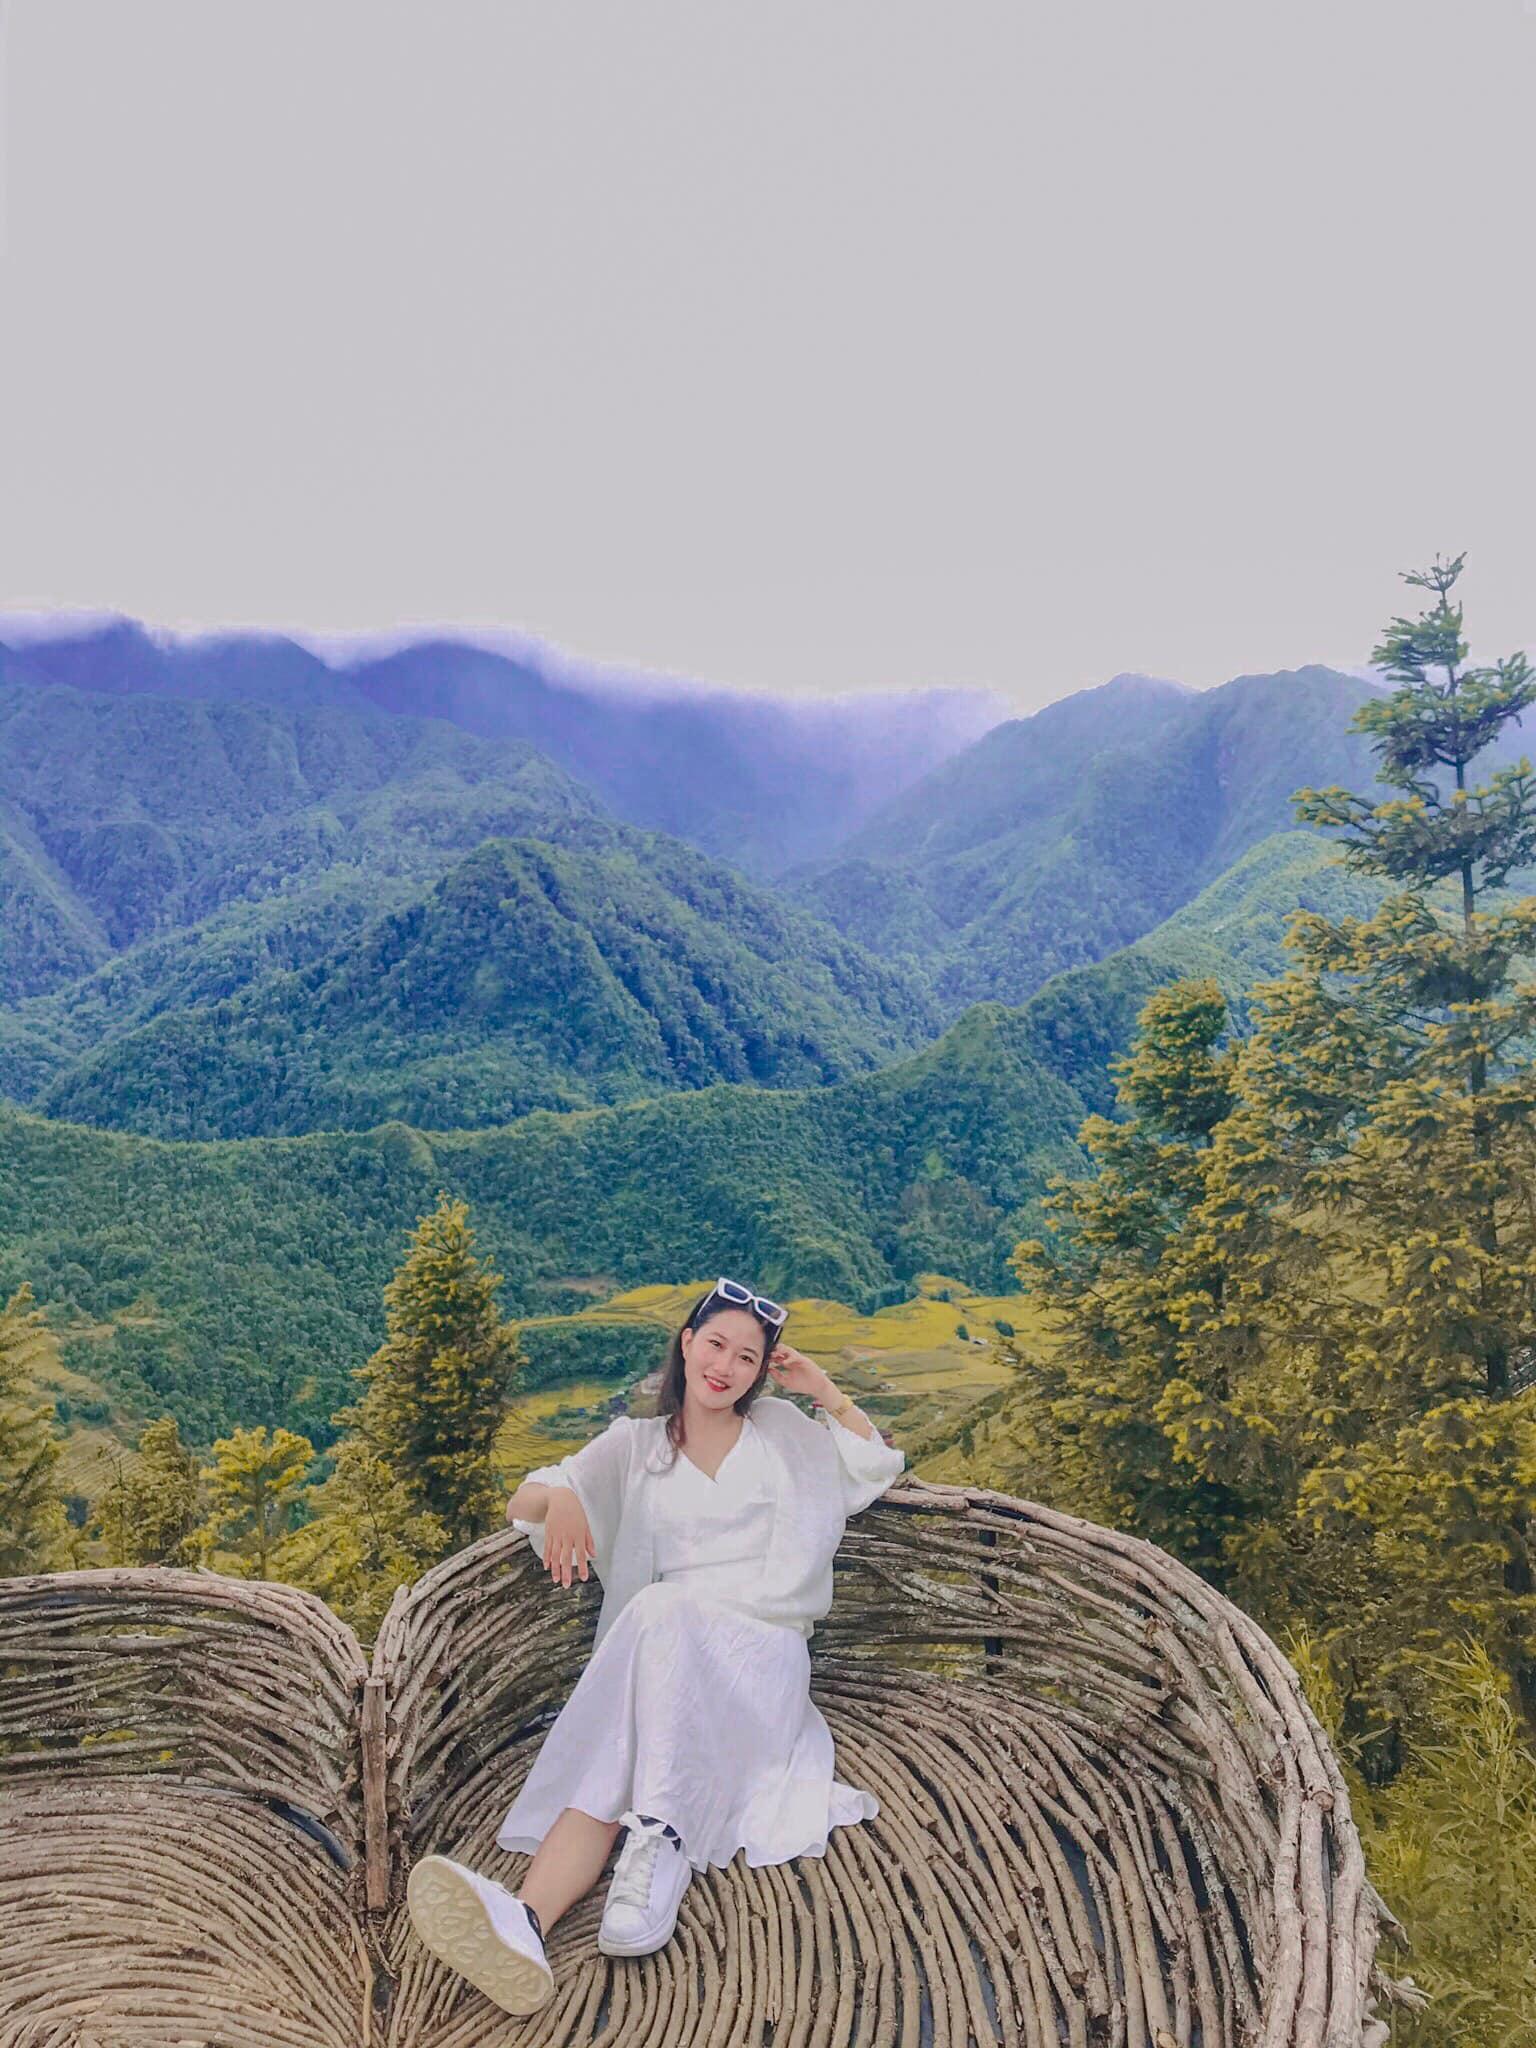 Tour du lịch Sapa từ Quảng Ninh: Rộn rã ngày hè với những gói tour cực ưu đãi  - Ảnh 16.